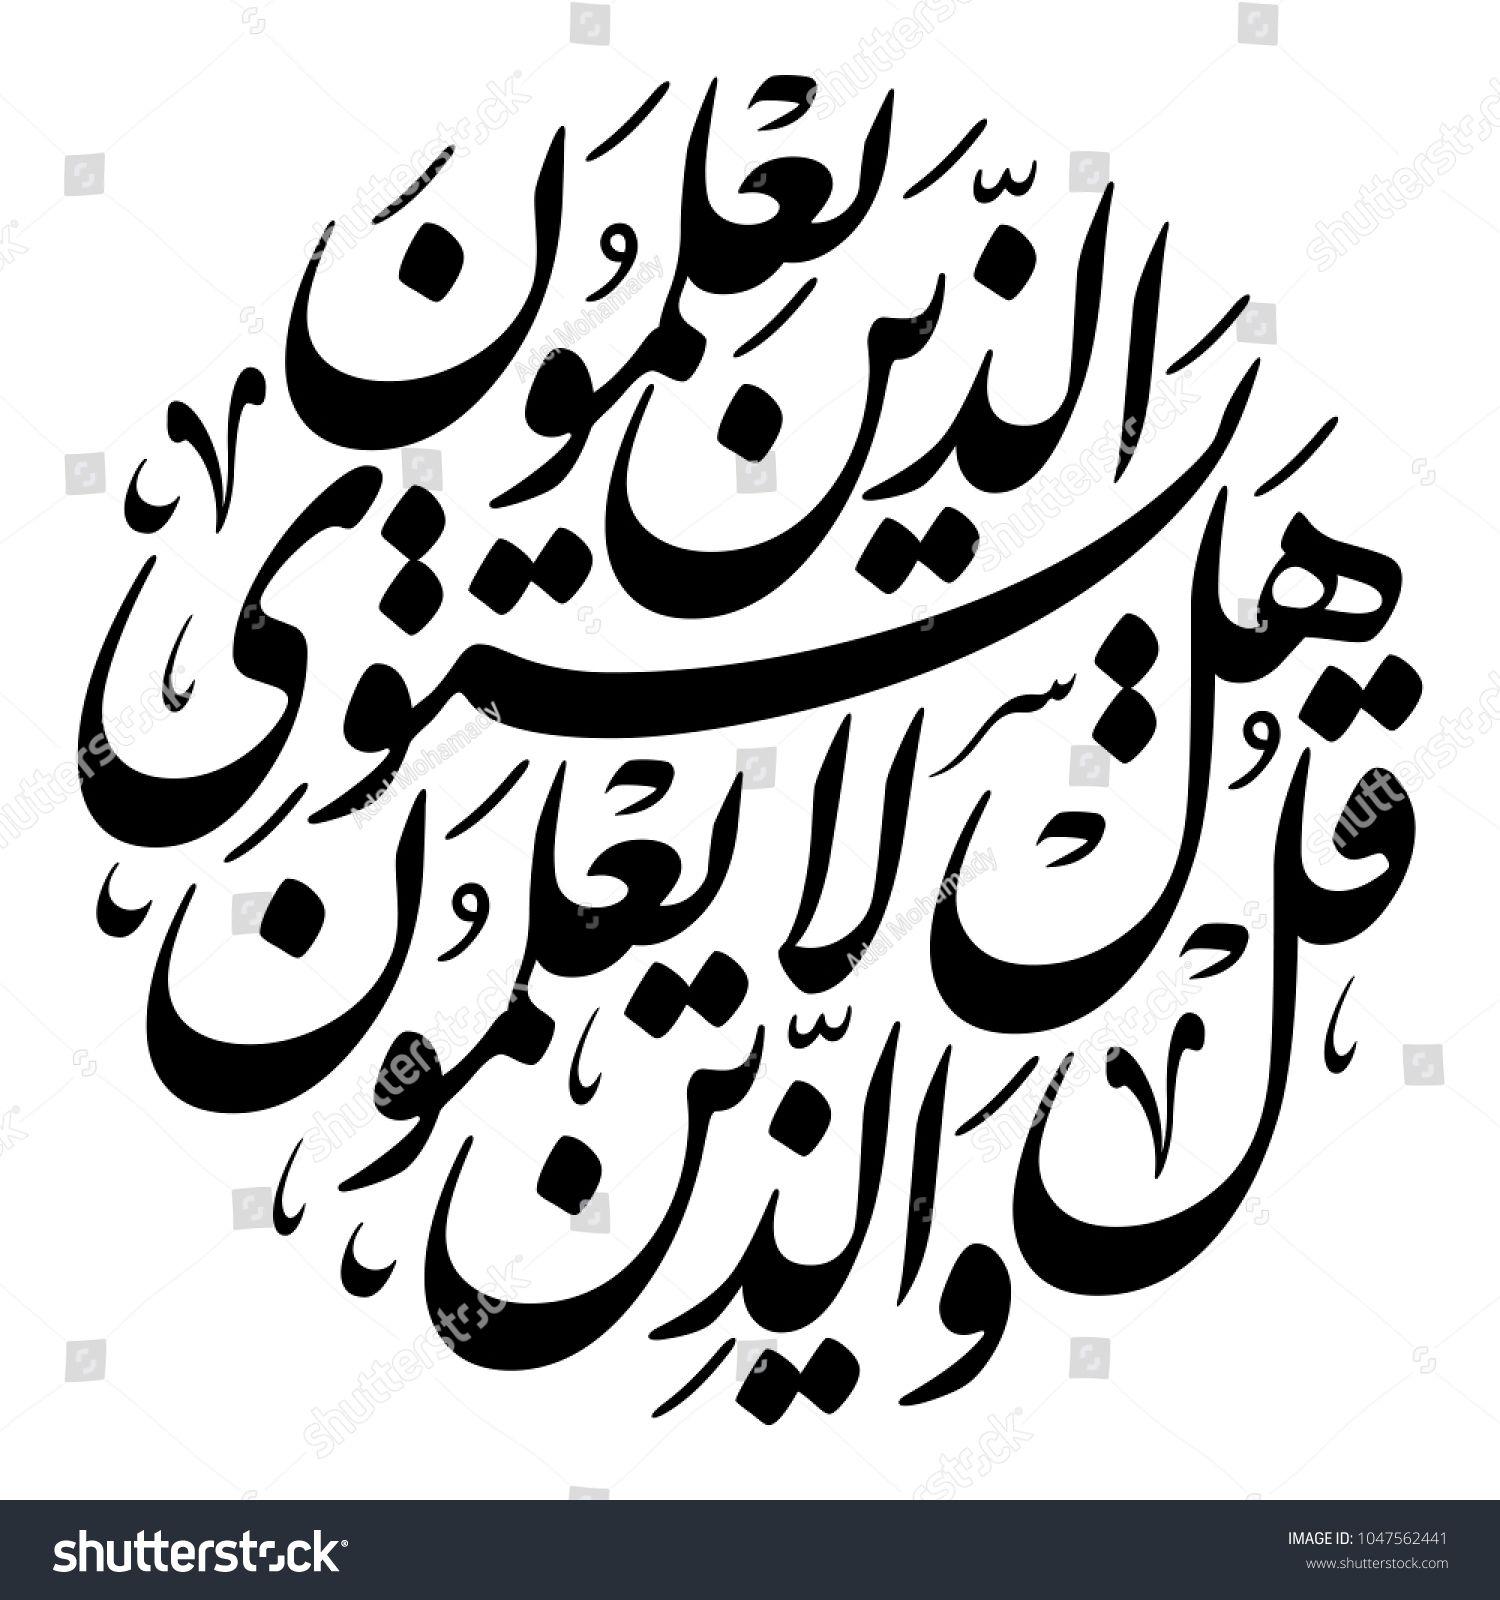 قل هل يستوي الذين يعلمون والذين لا يعلمون Islamic Caligraphy Art Islamic Calligraphy Islamic Calligraphy Painting